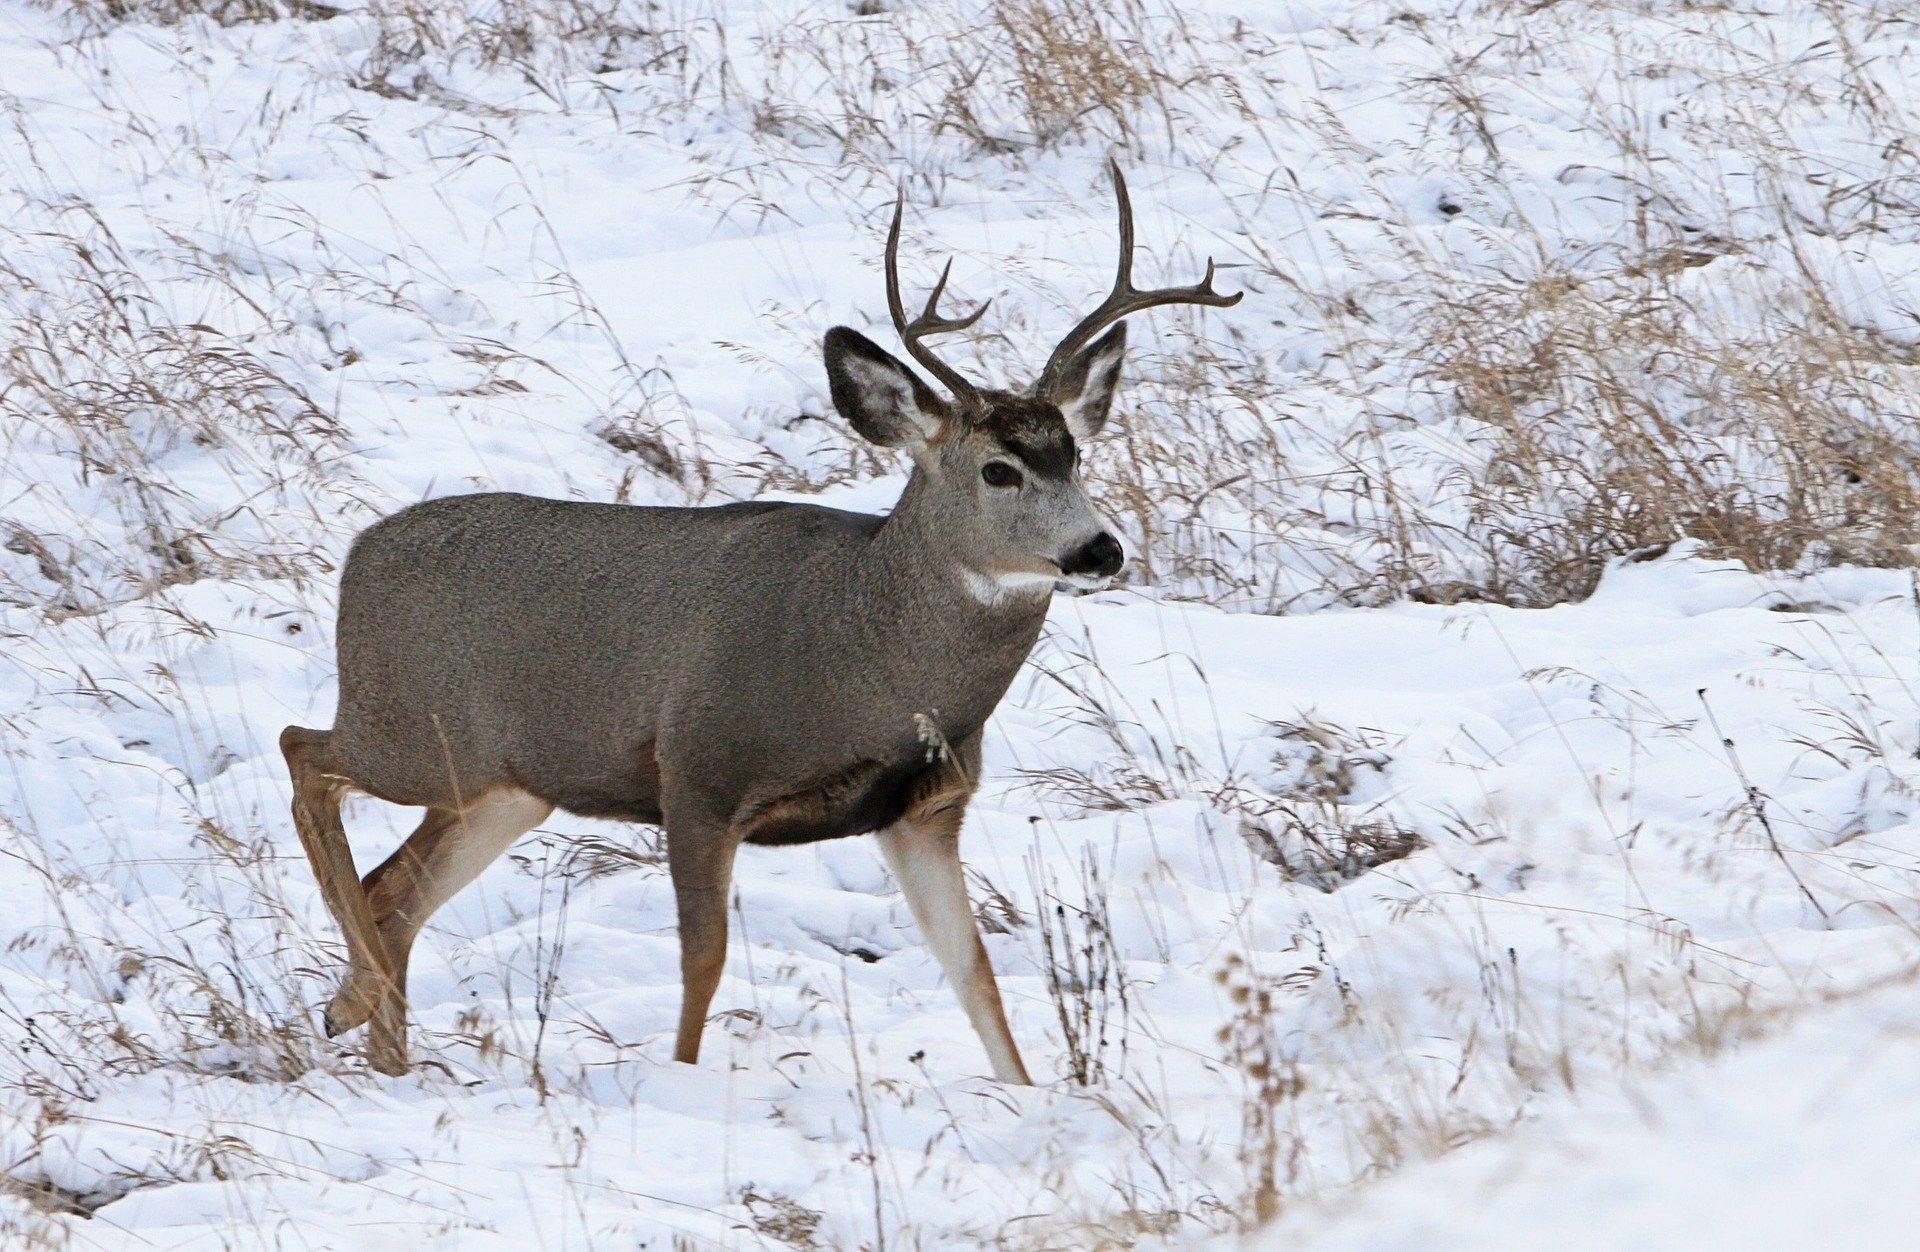 Mule deer - courtesy photo